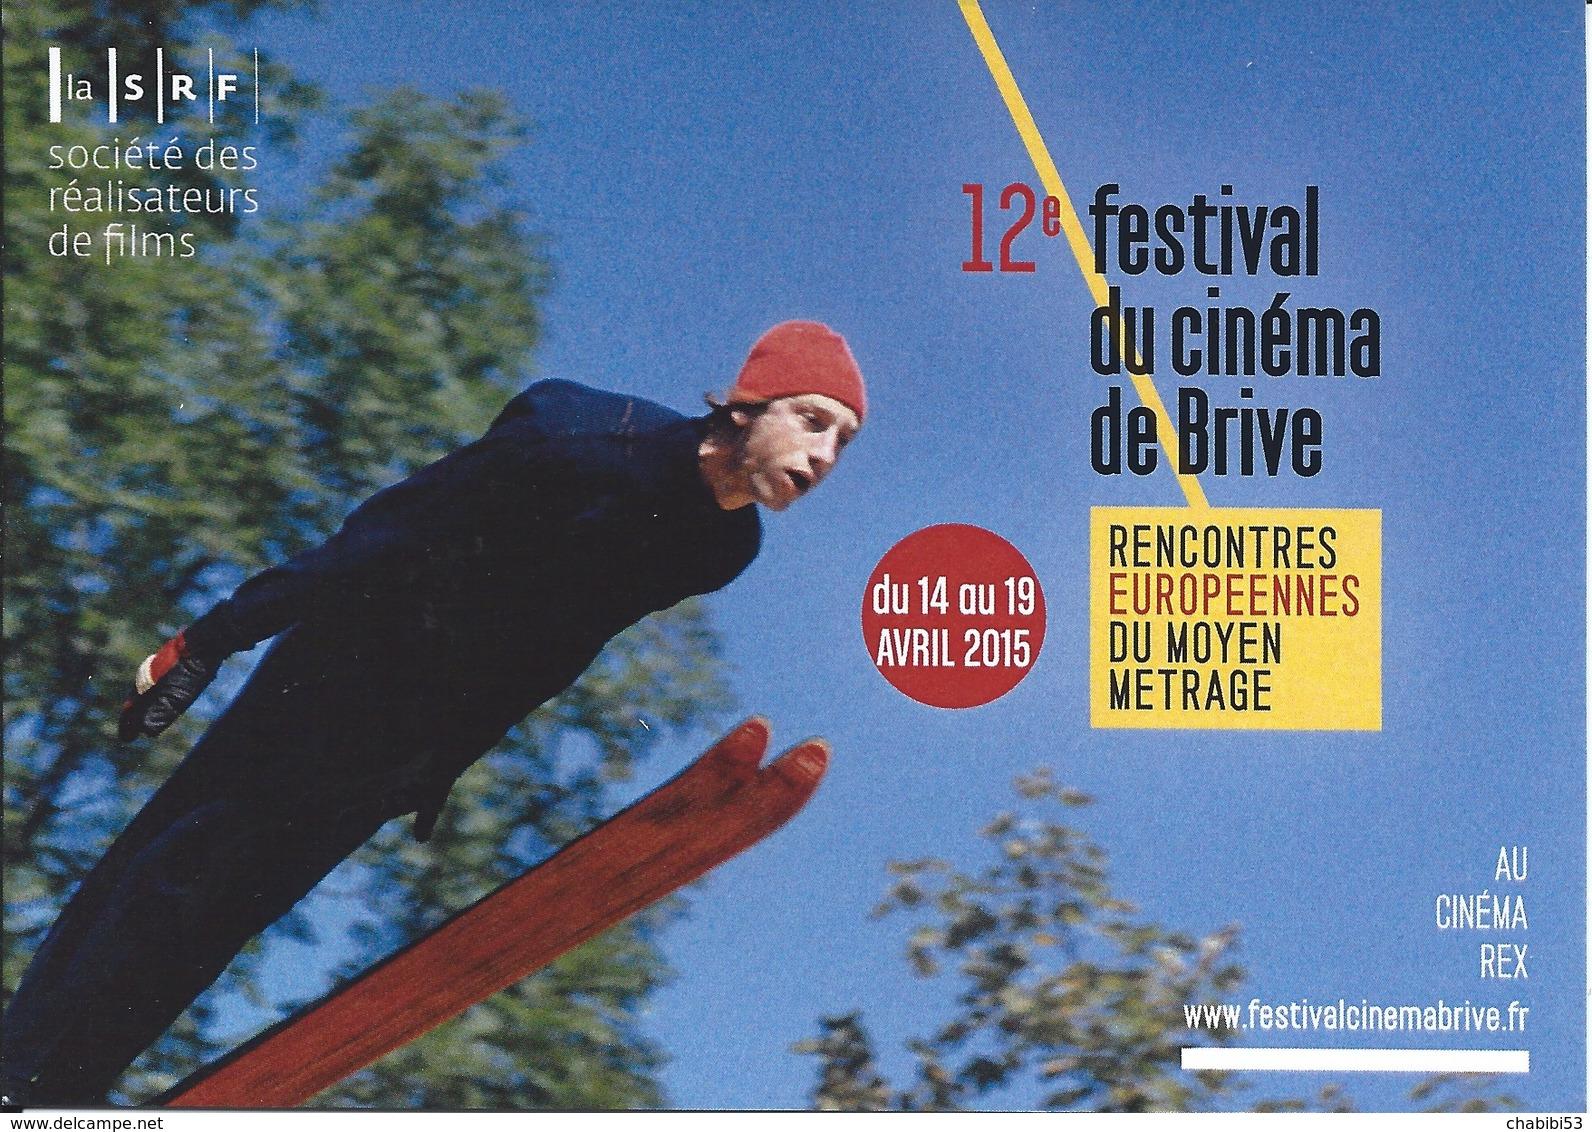 19  BRIVE 12ème Festival Du Cinéma De BRIVE - Rencontres Européennes Du Moyen Métrage - 14 Au 19 Avril 2015 Cinéma REX - Cinema